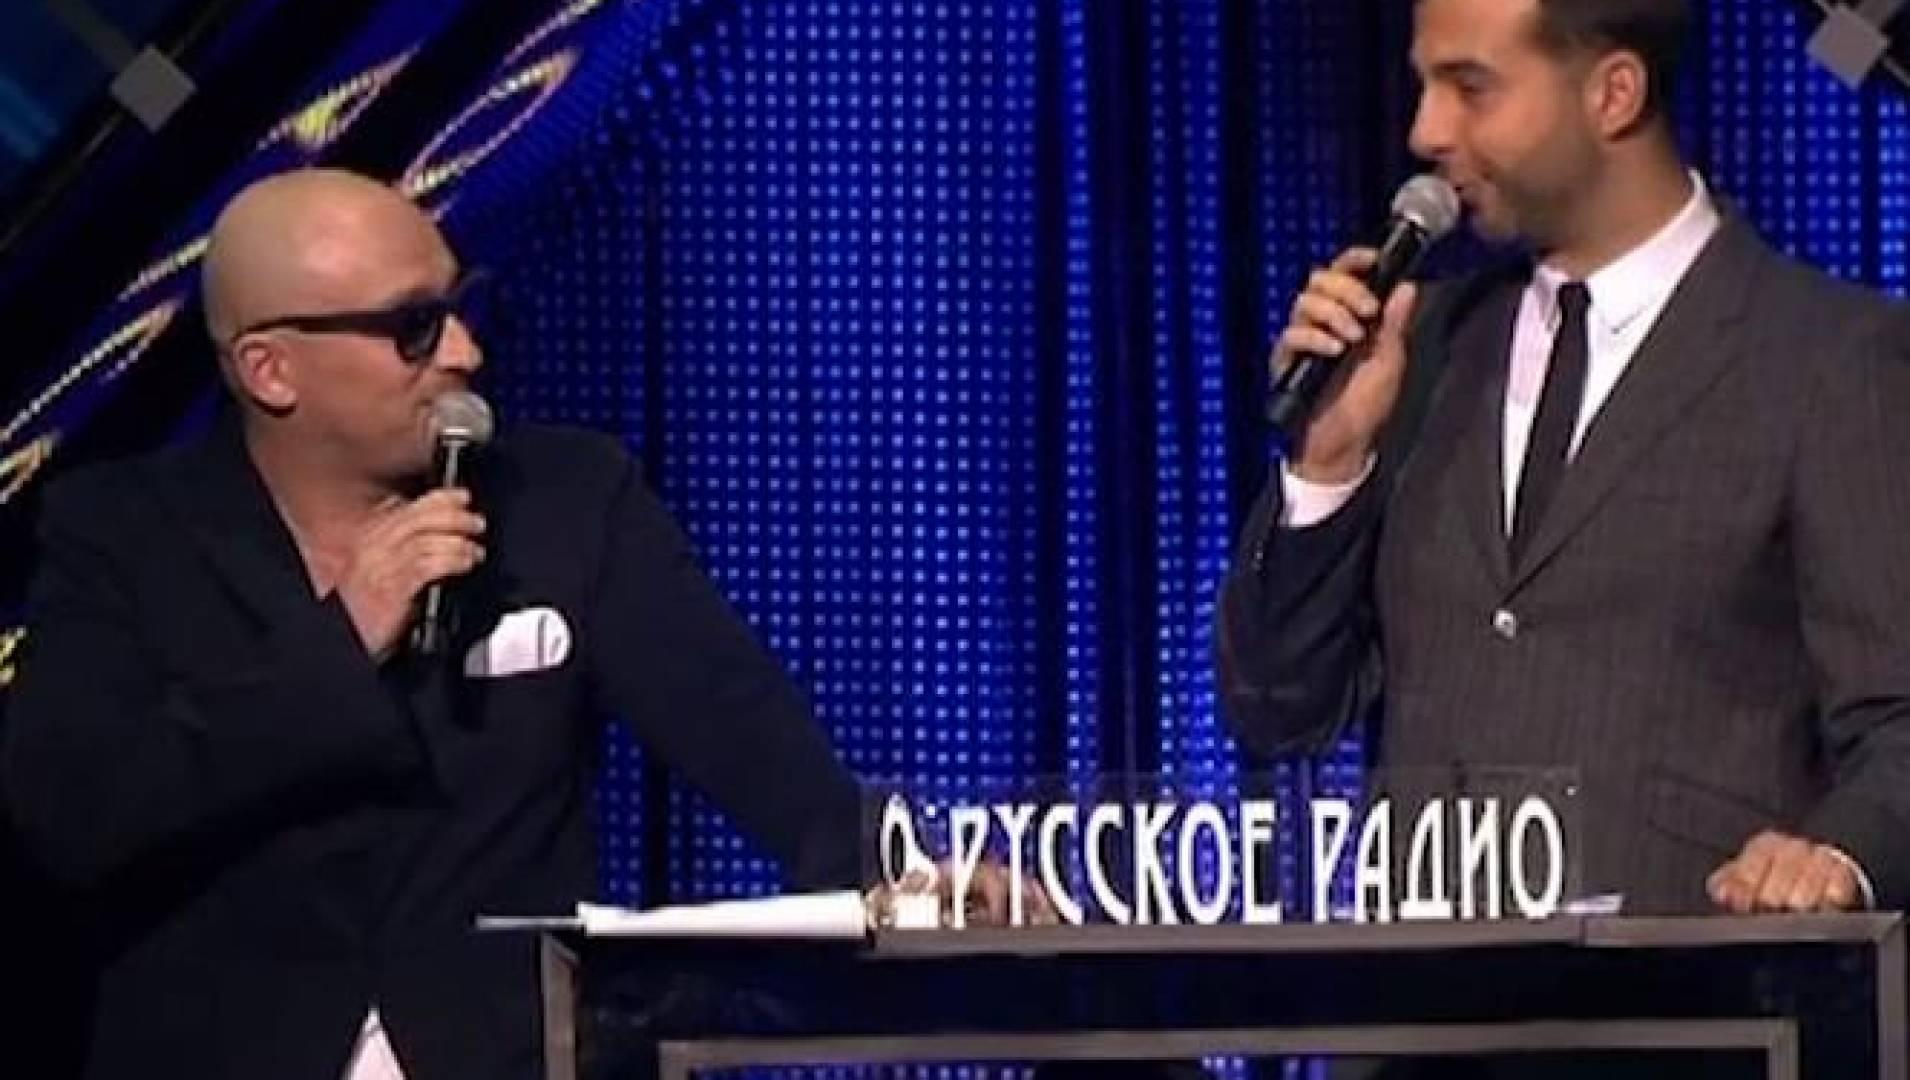 Церемония вручения народной премии «Золотой граммофон» (2013) - Развлекательная, Музыкальная, Программа